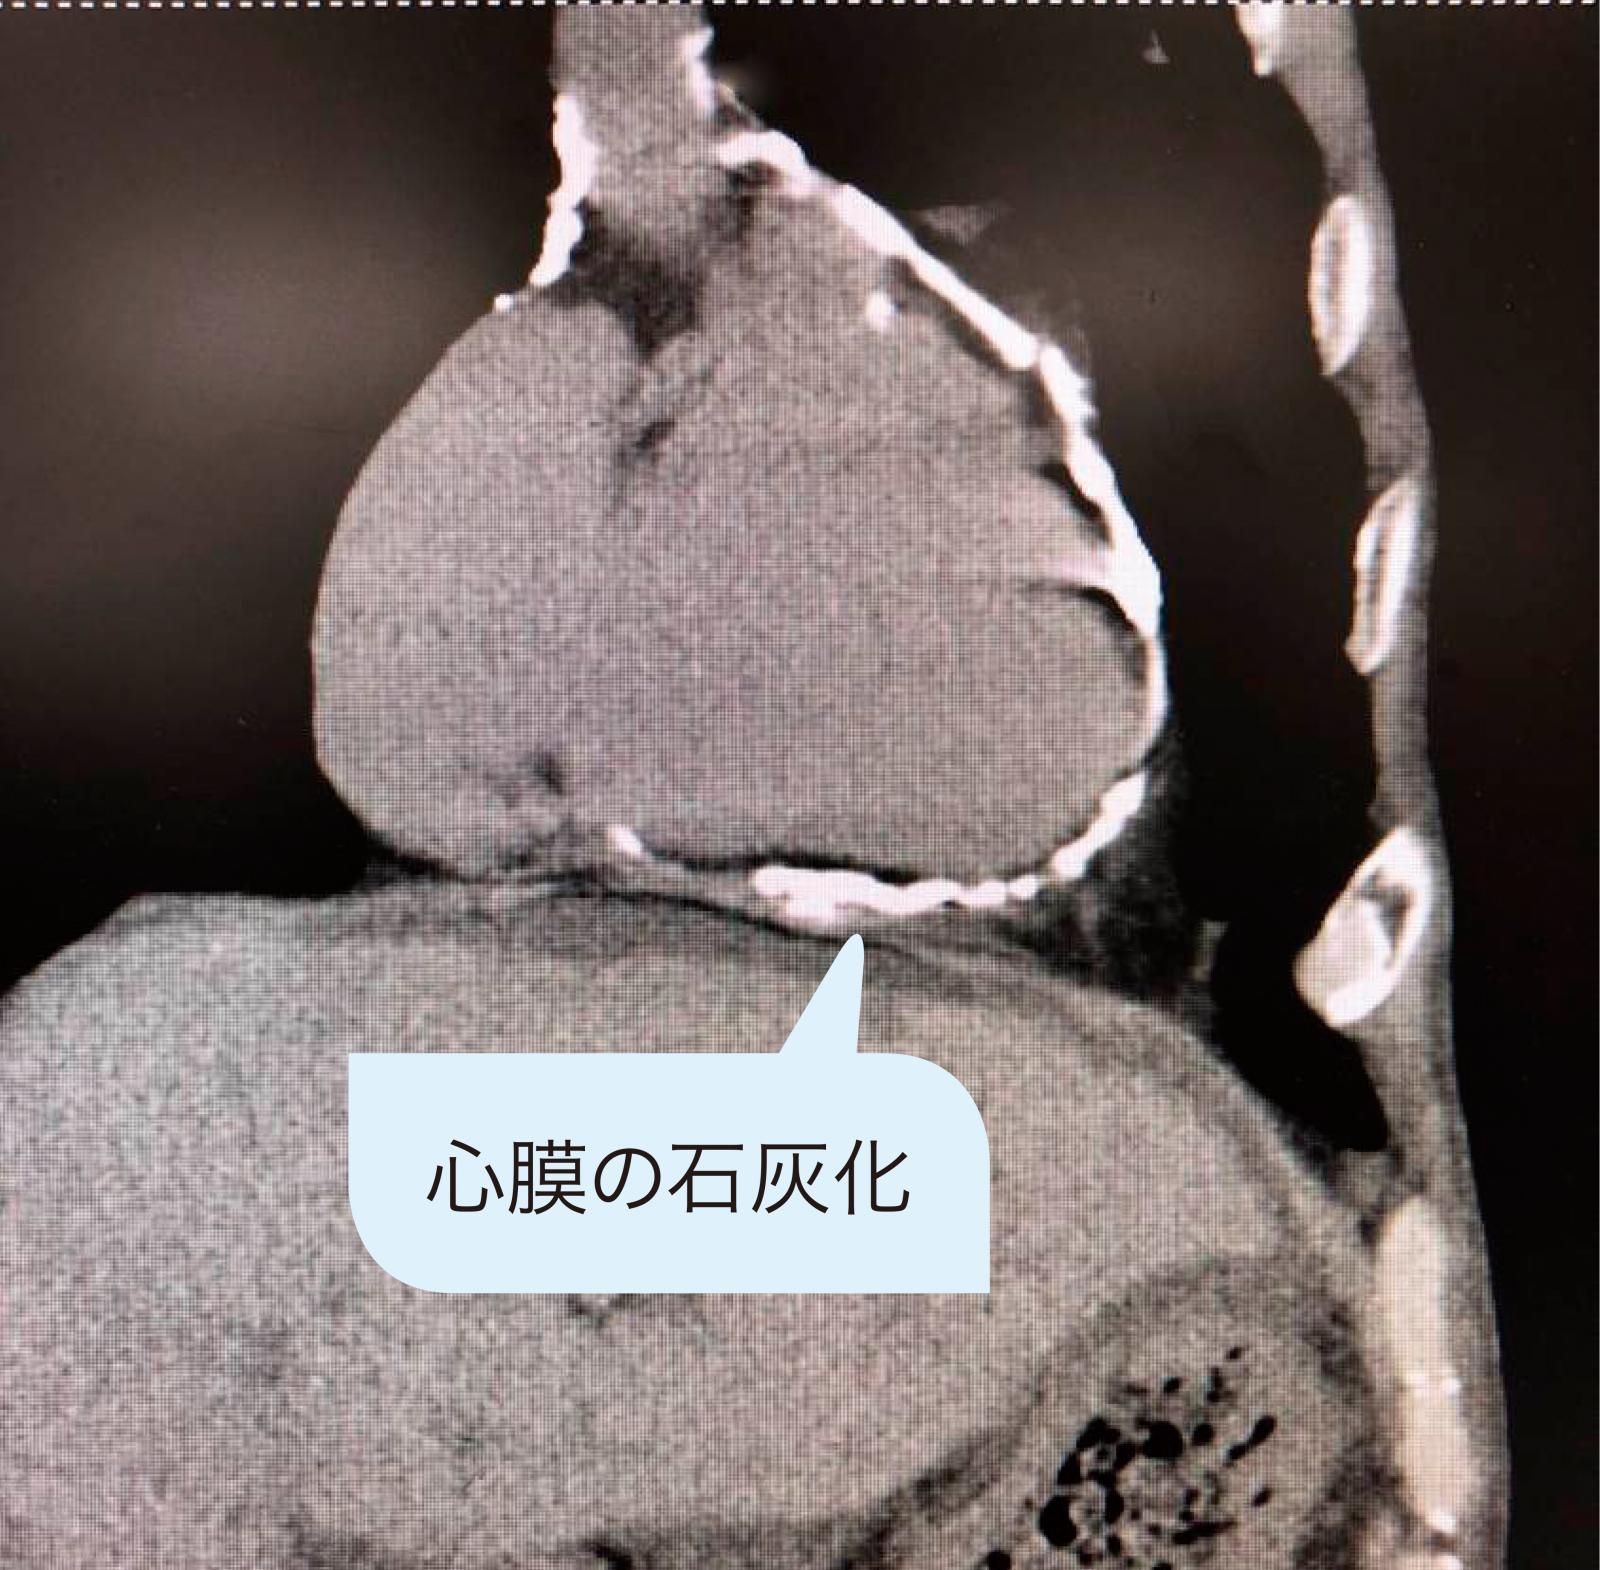 心膜の石灰化(CT 画像)